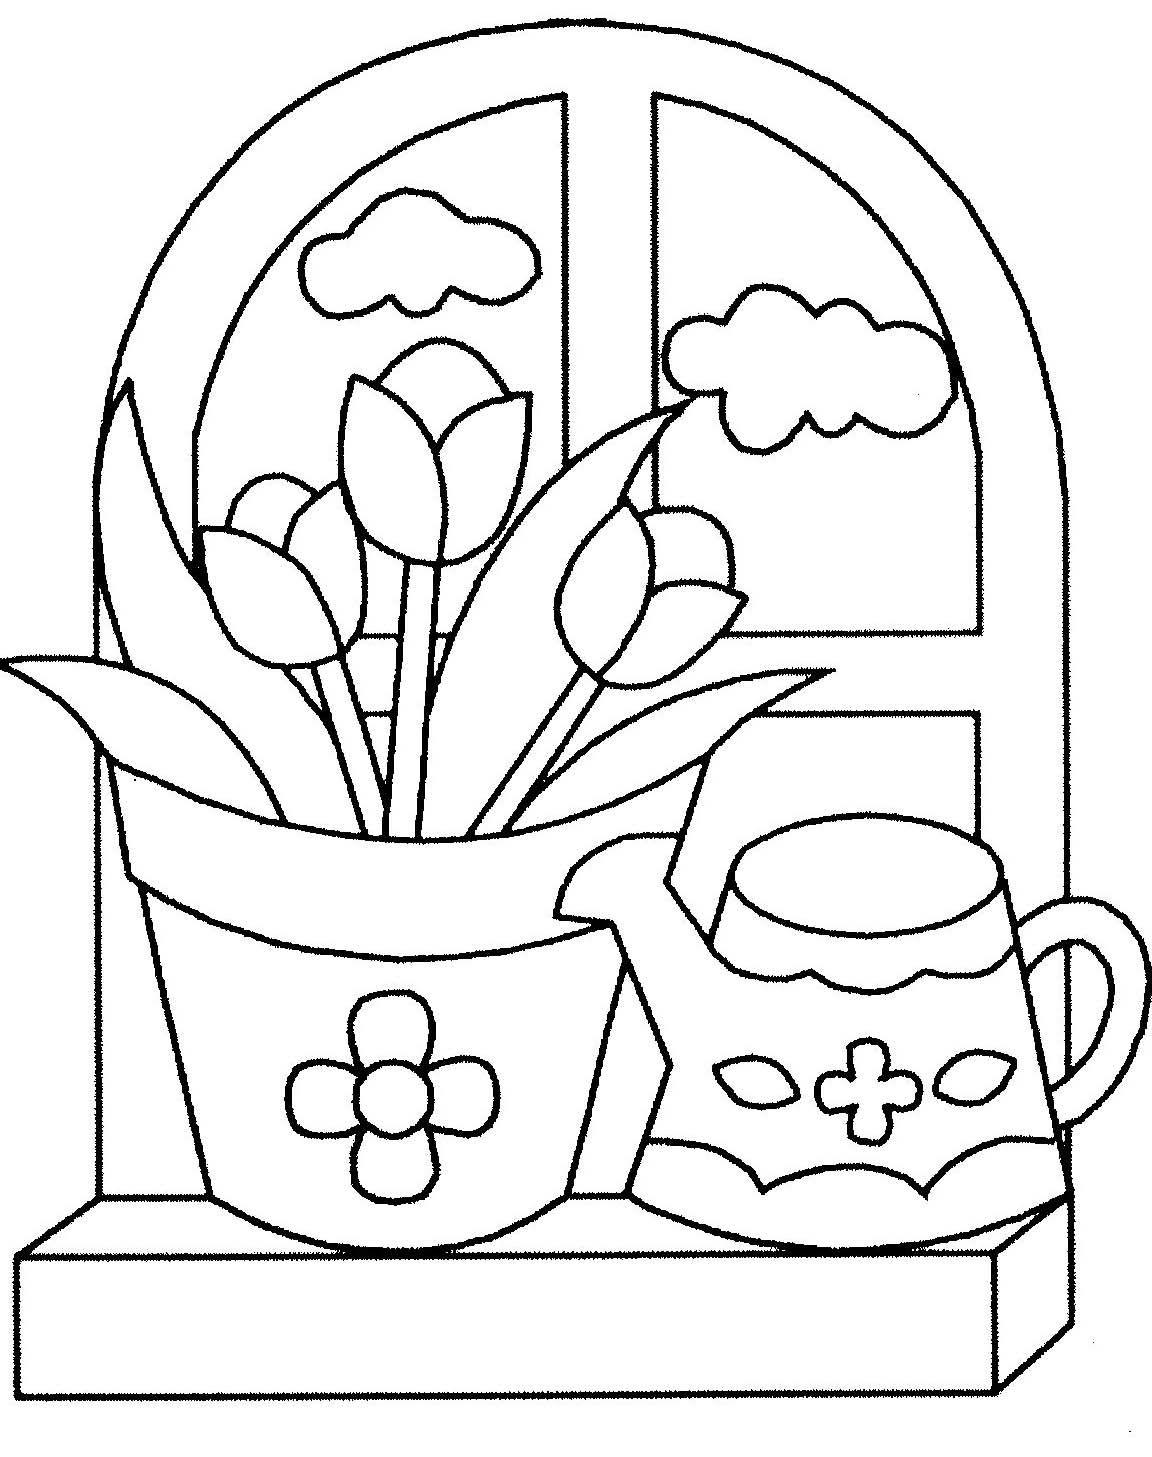 Coloriage Facile Printemps.Dessin De Fleurs De Printemps A Imprimer